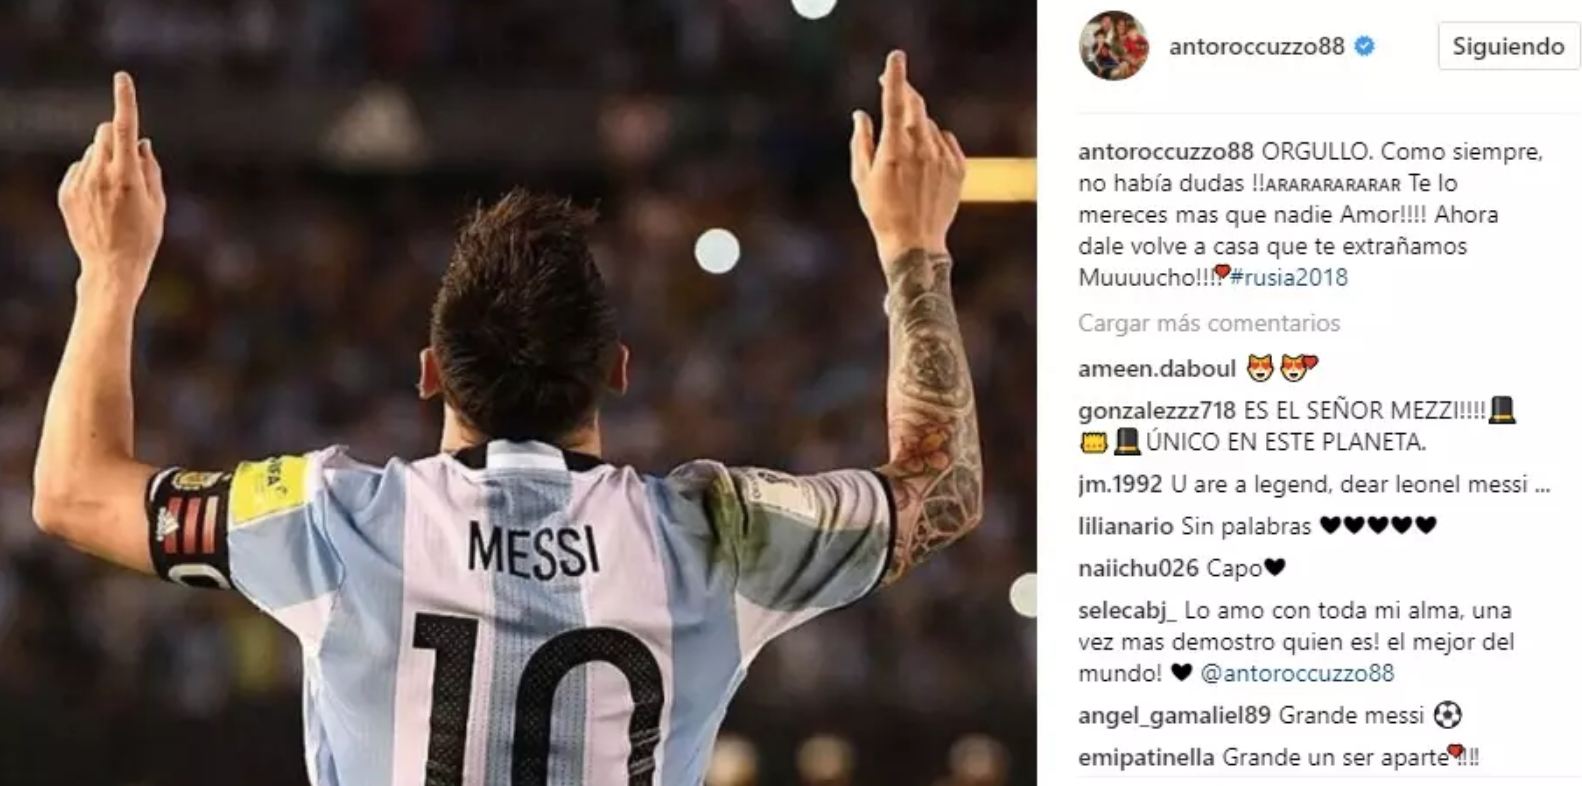 Antonella gửi thông điệp tình yêu đến Messi - Ảnh 1.